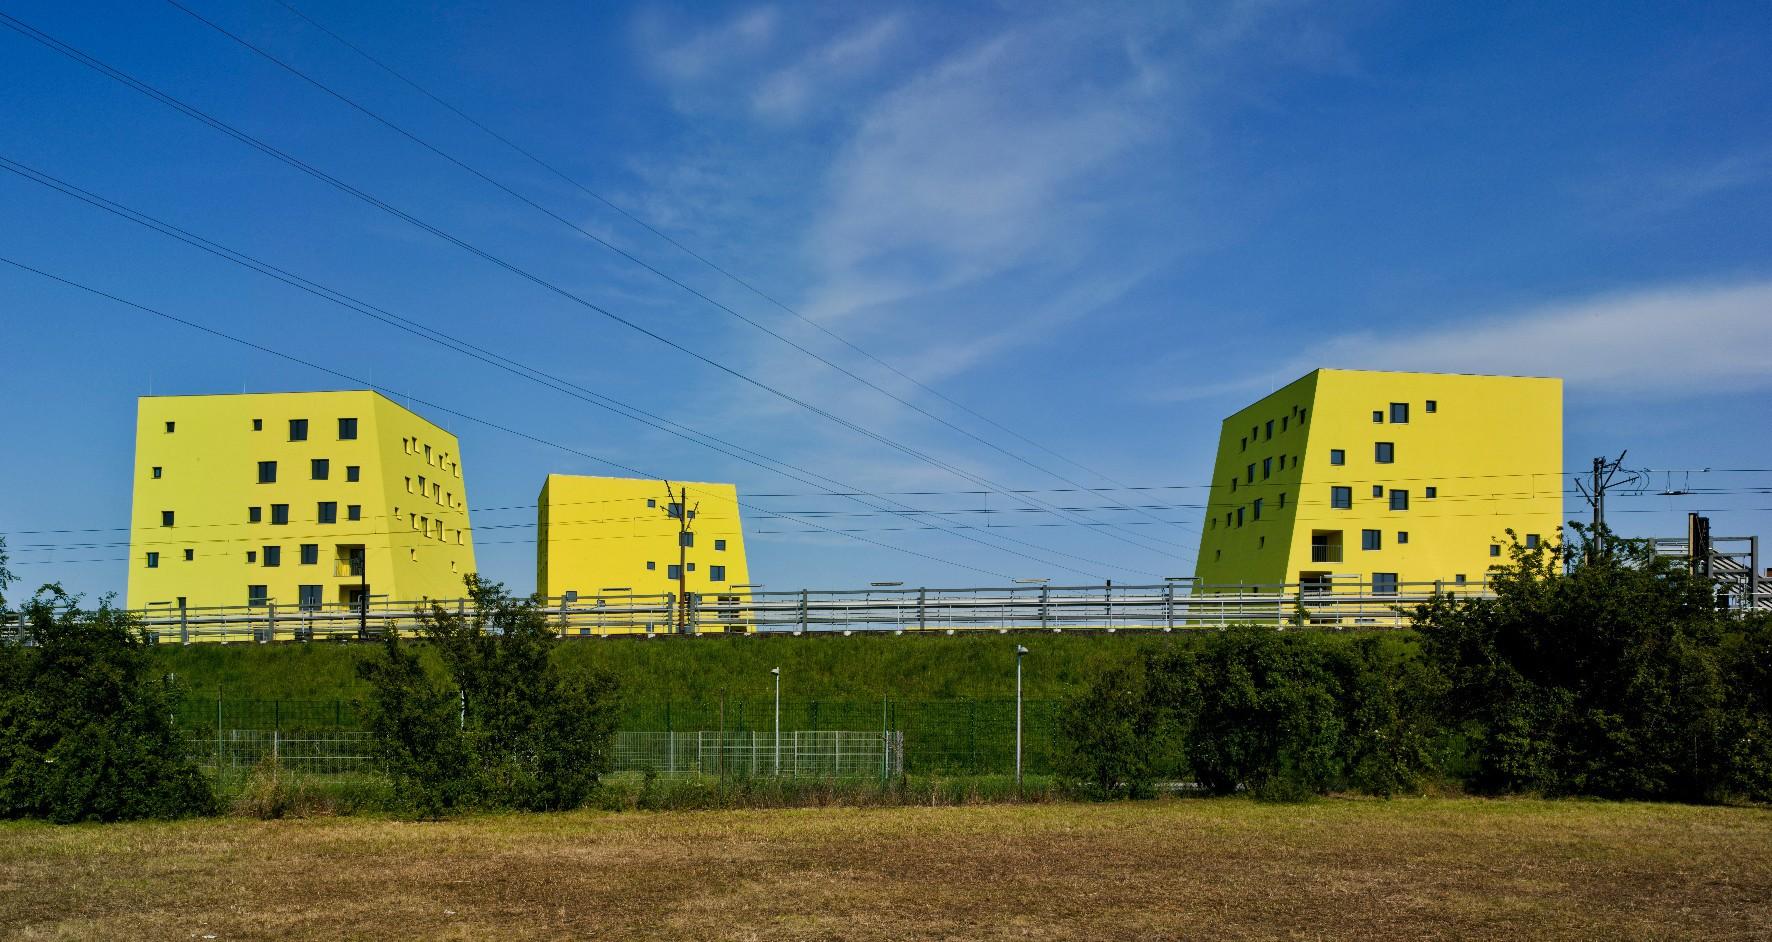 Viviendas de protección oficial en Viena | © David Frutos/PLAYstudio